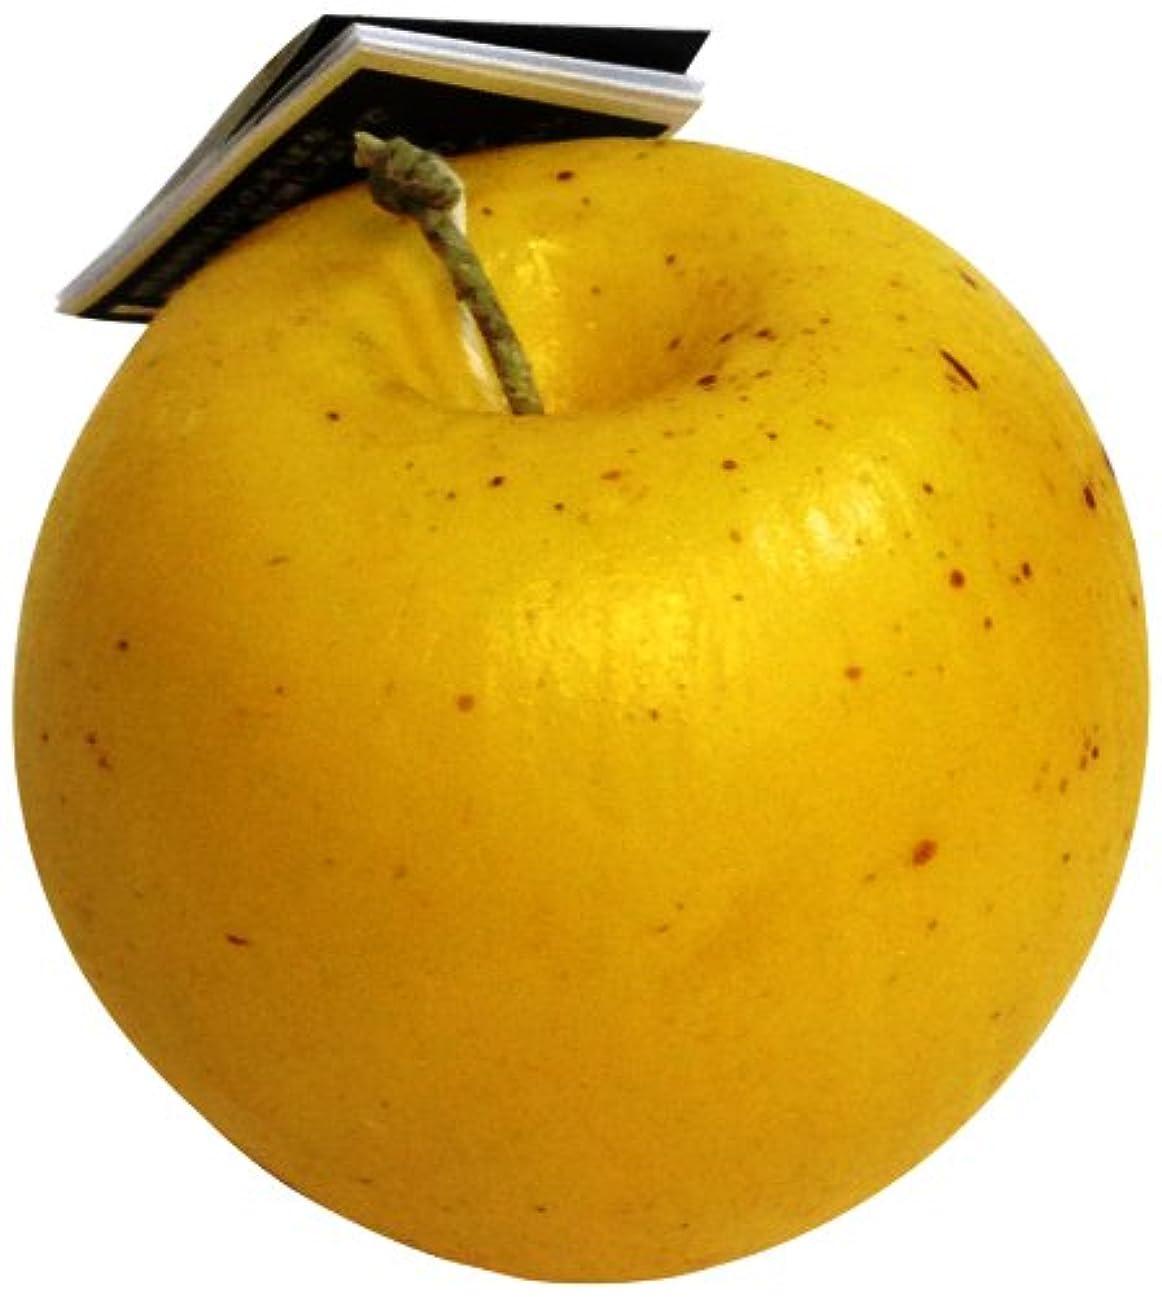 運ぶ普遍的な本質的ではないニミティッドフルーツキャンドル ジャパニーズペアー ラージ